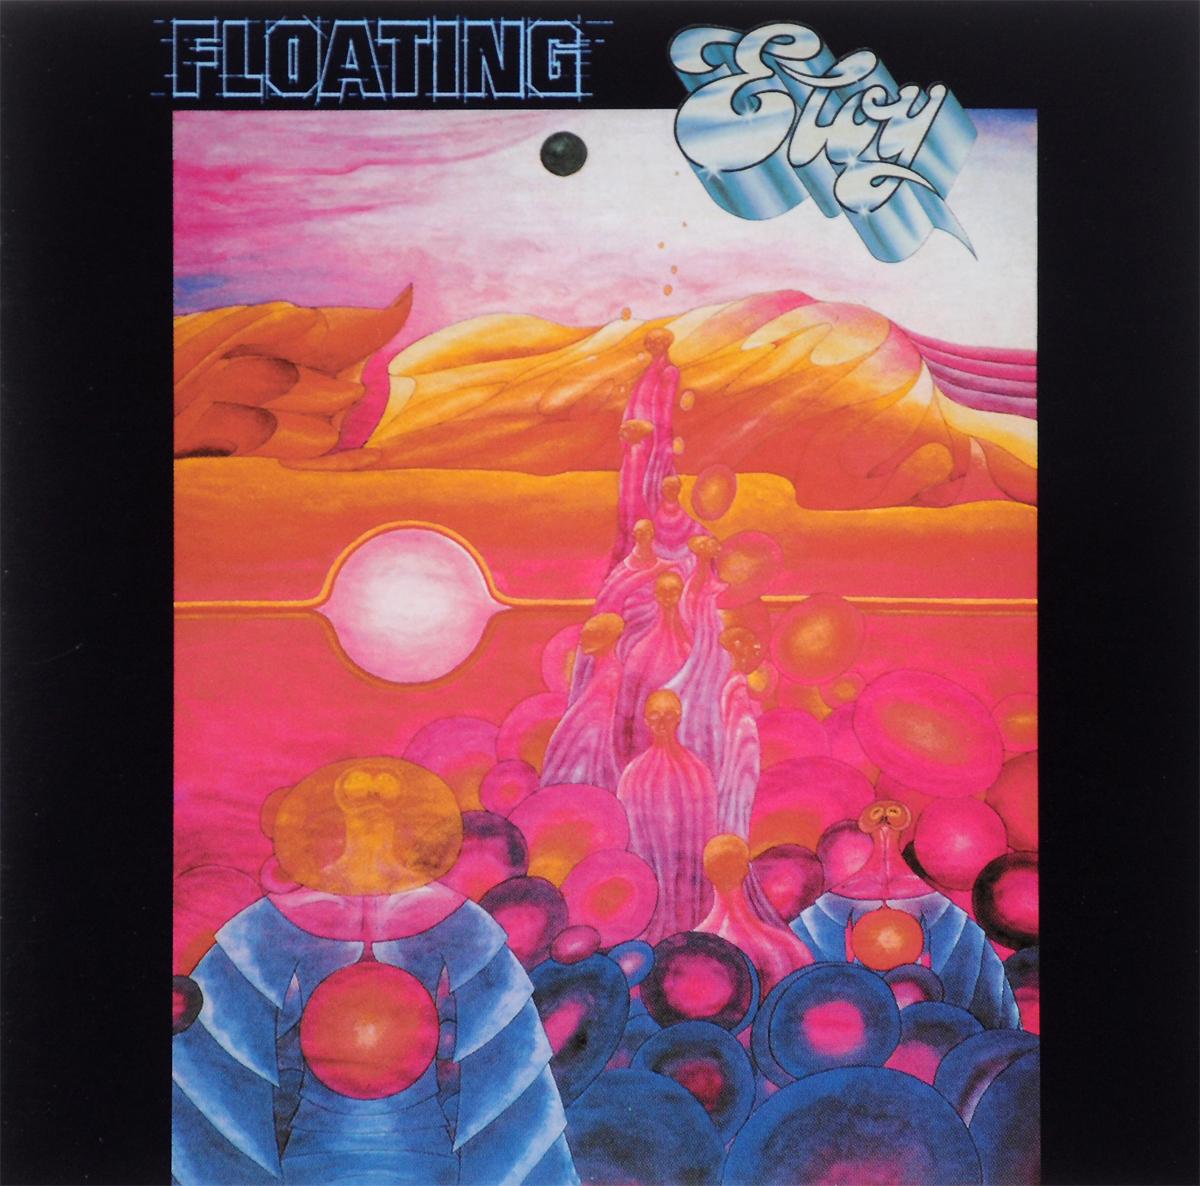 Eloy Eloy. Floating eloy eloy power